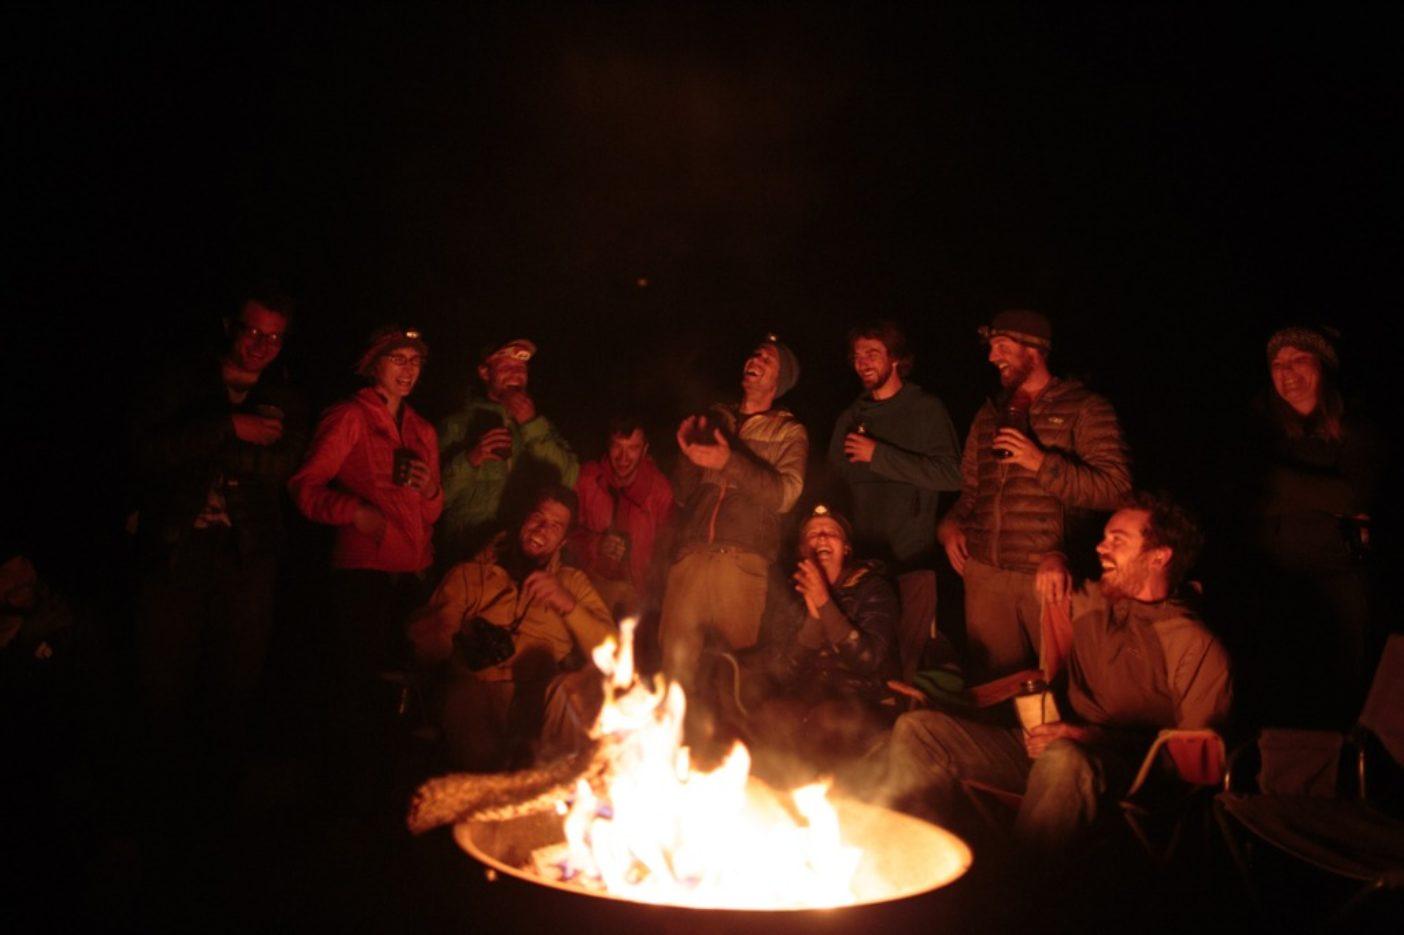 クライミングとアクティビズムの日を祝う。ユタ州のクリーク・パスチャー・キャンプ場にて。Photo: Matty Van Biene